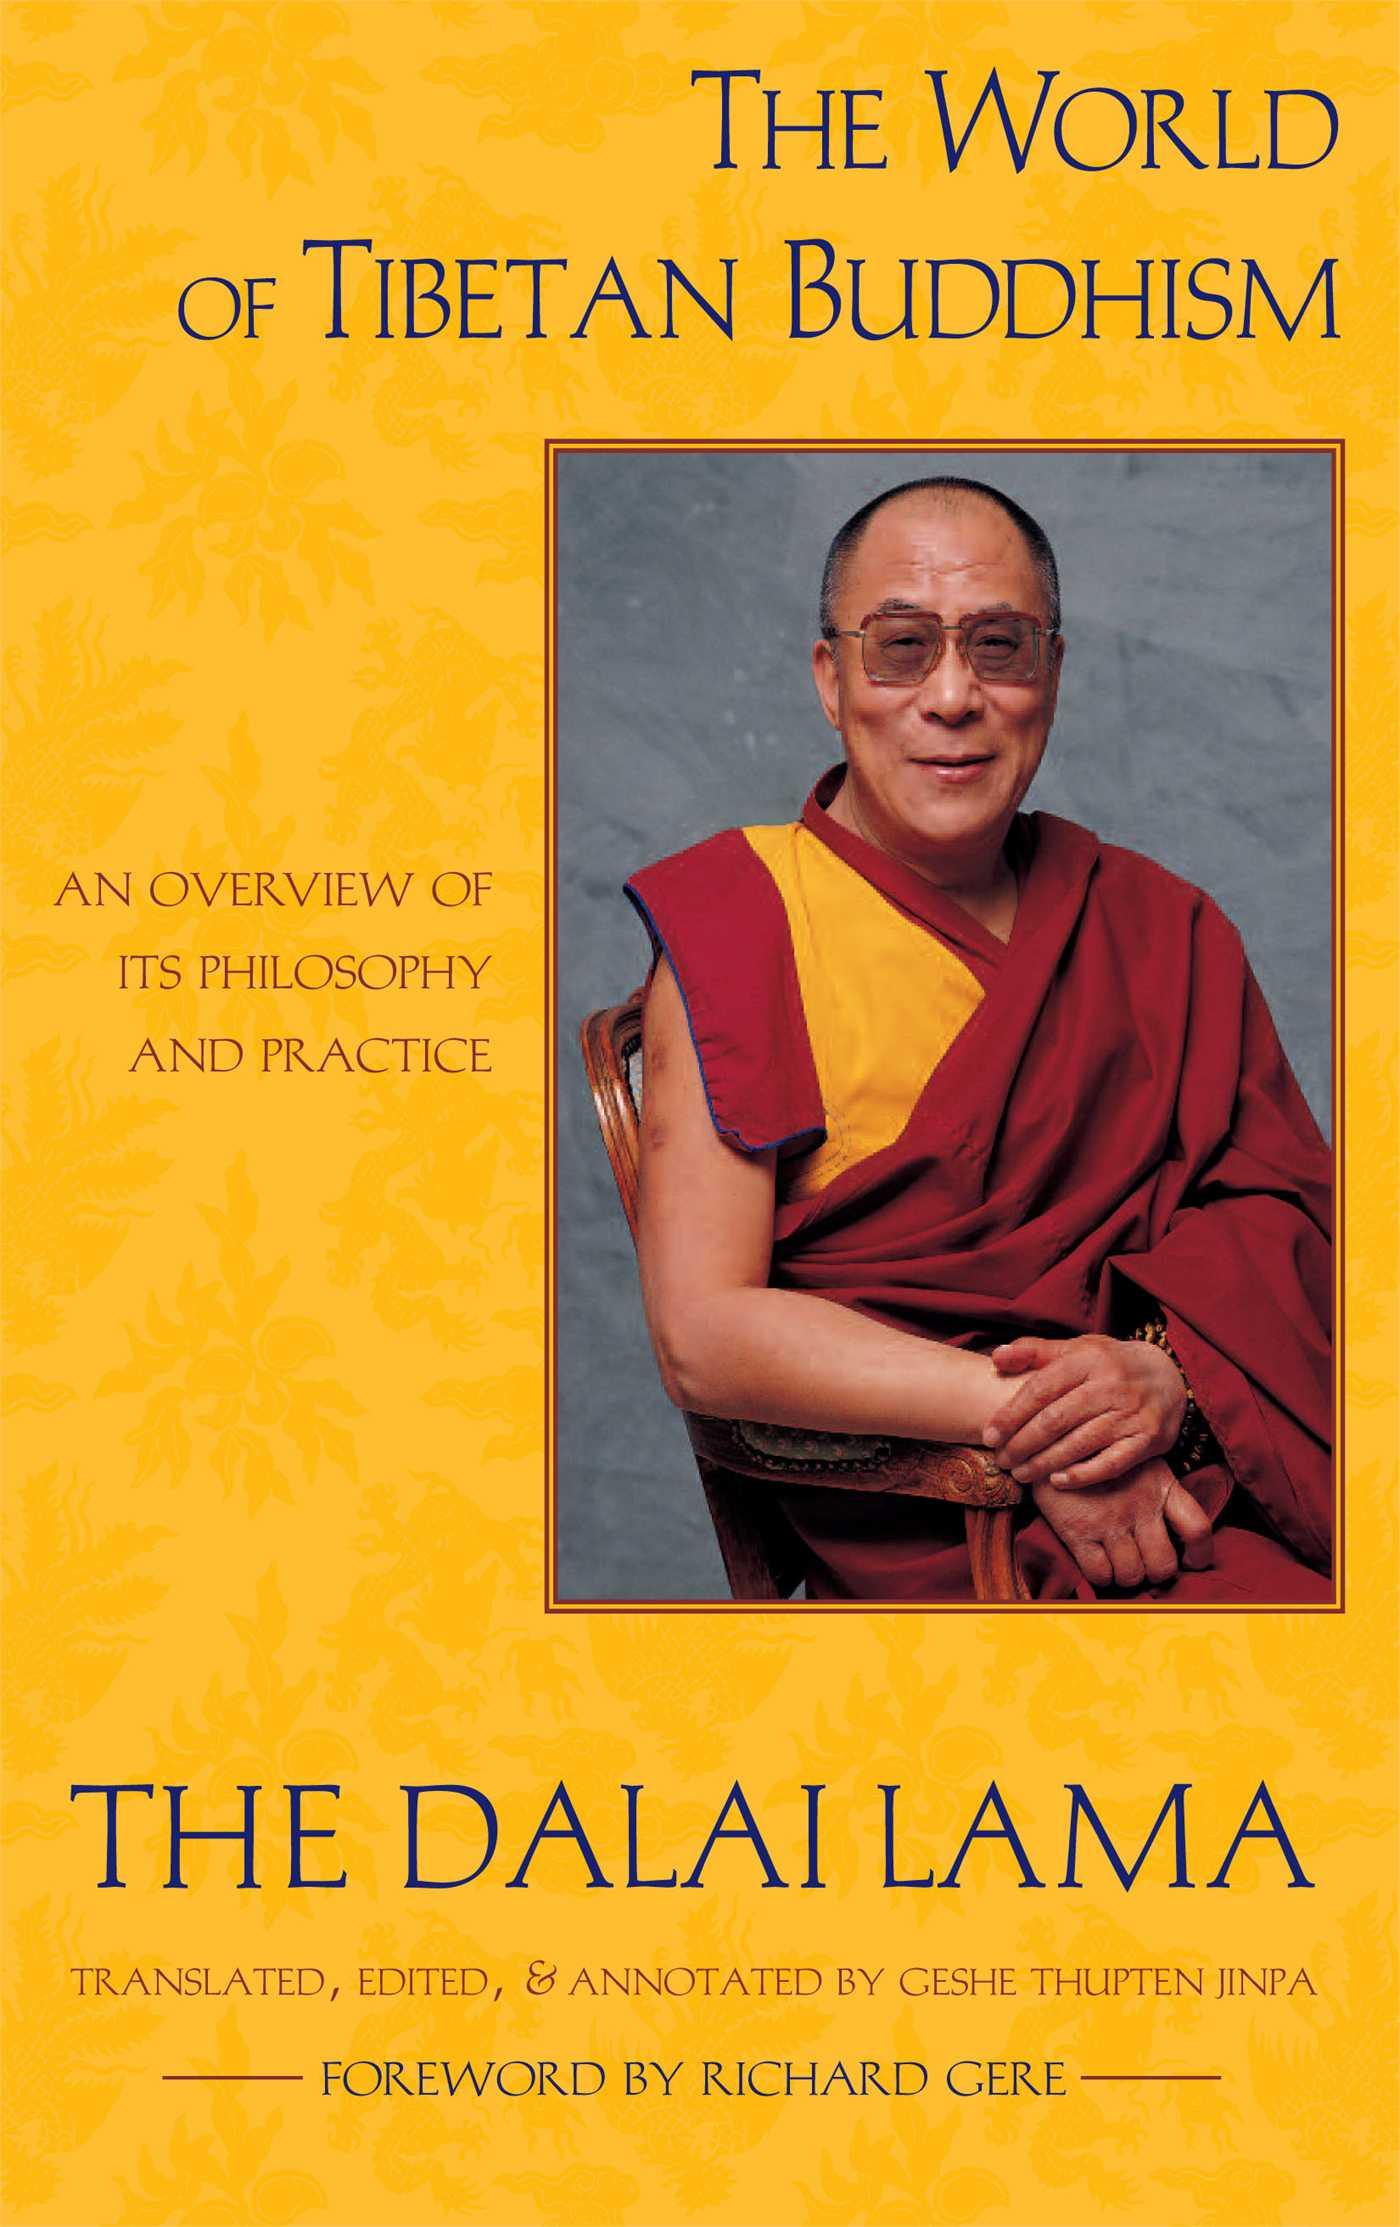 Impact of the dalai lama on buddhism